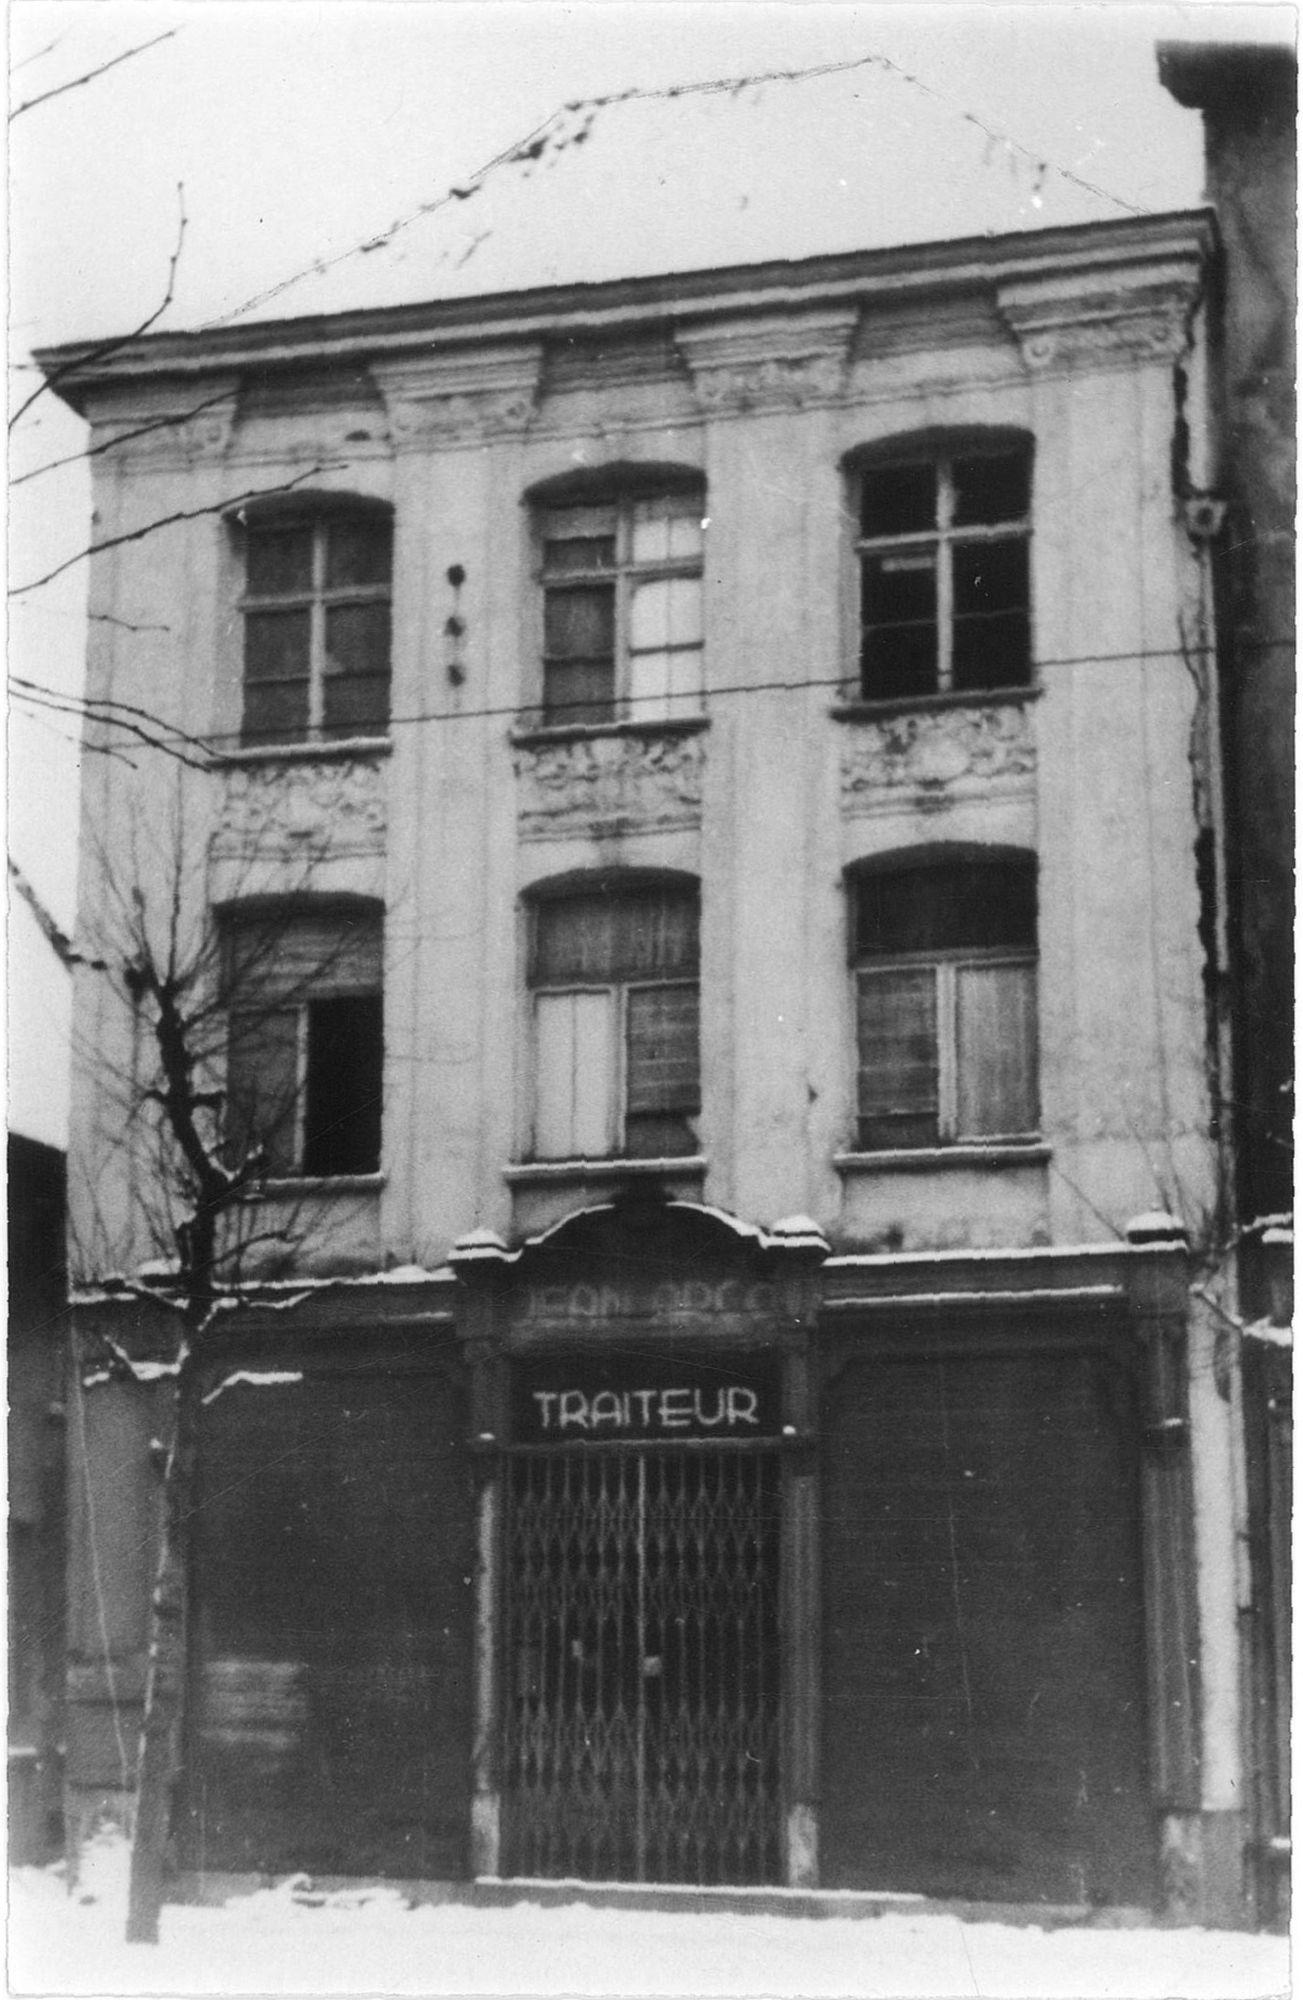 Traiteur Jean Arco in Rijselsestraat 1944-45